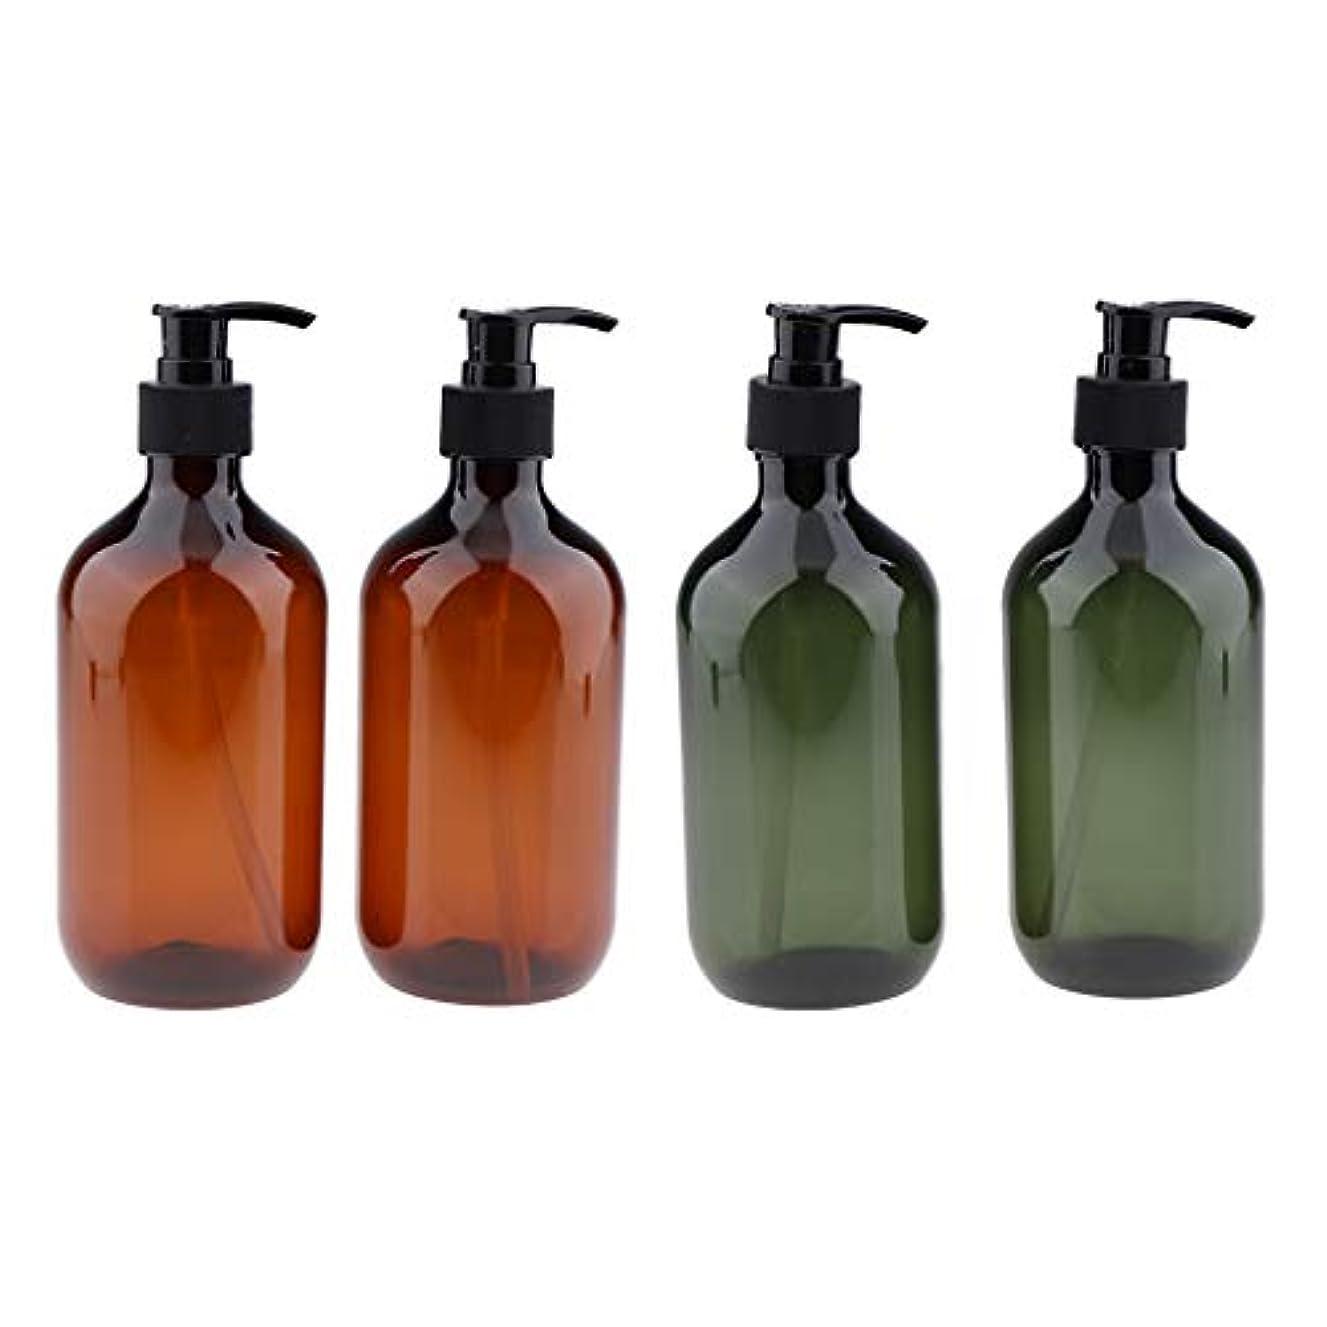 構成パース蒸留するgazechimp シャンプーボトル ポンプボトル 大容量 500ml 漏れ防止 空のペットボトル サロ 4本